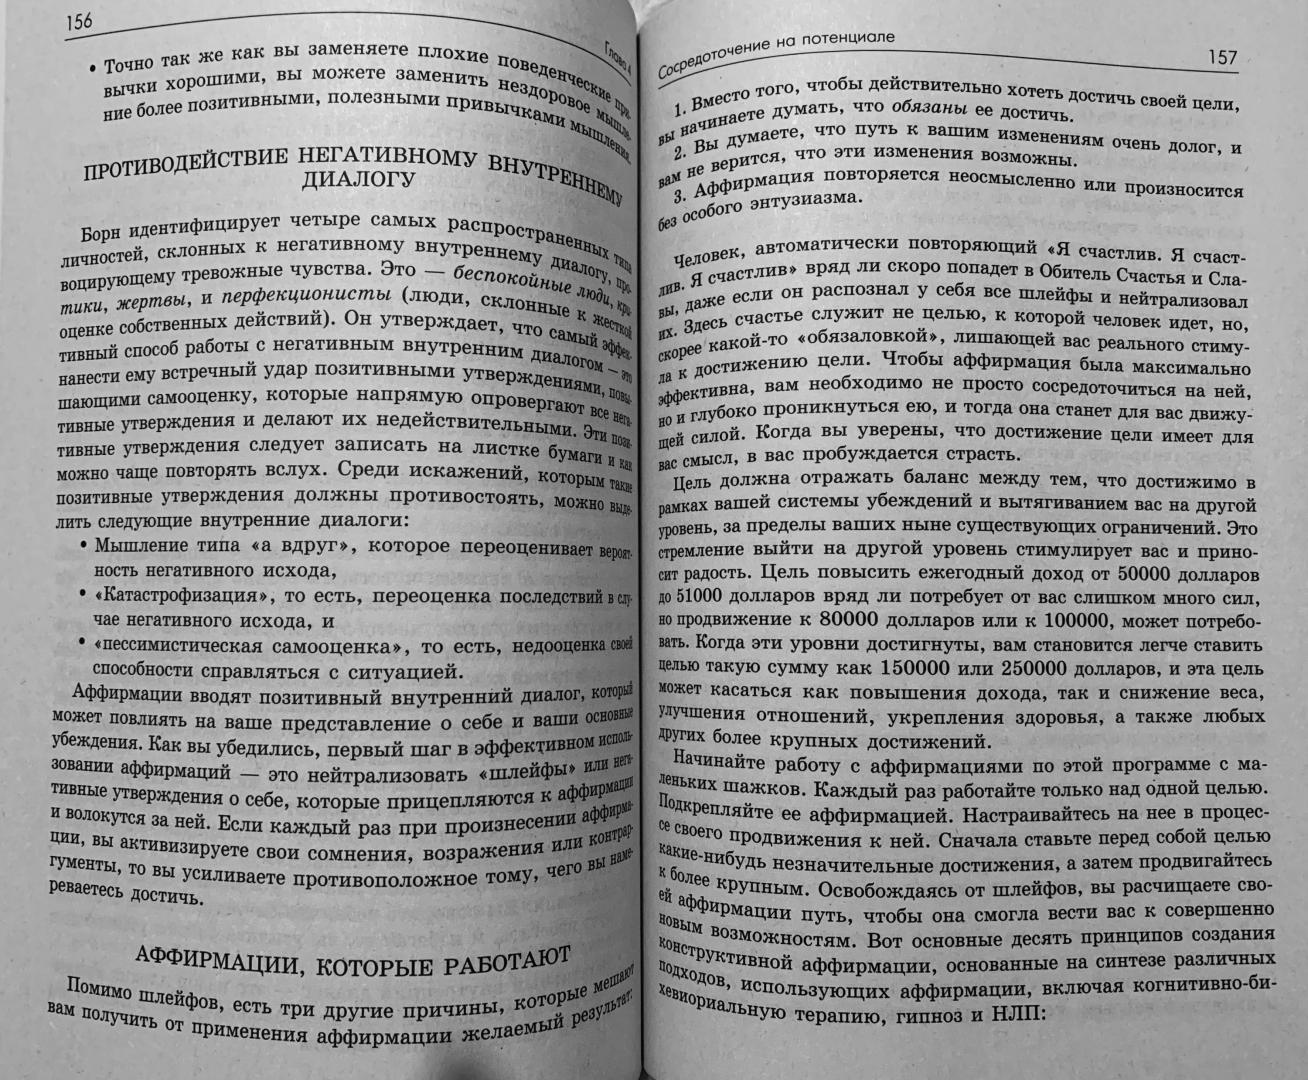 Иллюстрация 13 из 19 для Энергетическая психология. Уникальные методики трансформации личности - Иден, Файнштейн, Крэйг | Лабиринт - книги. Источник: Розочка